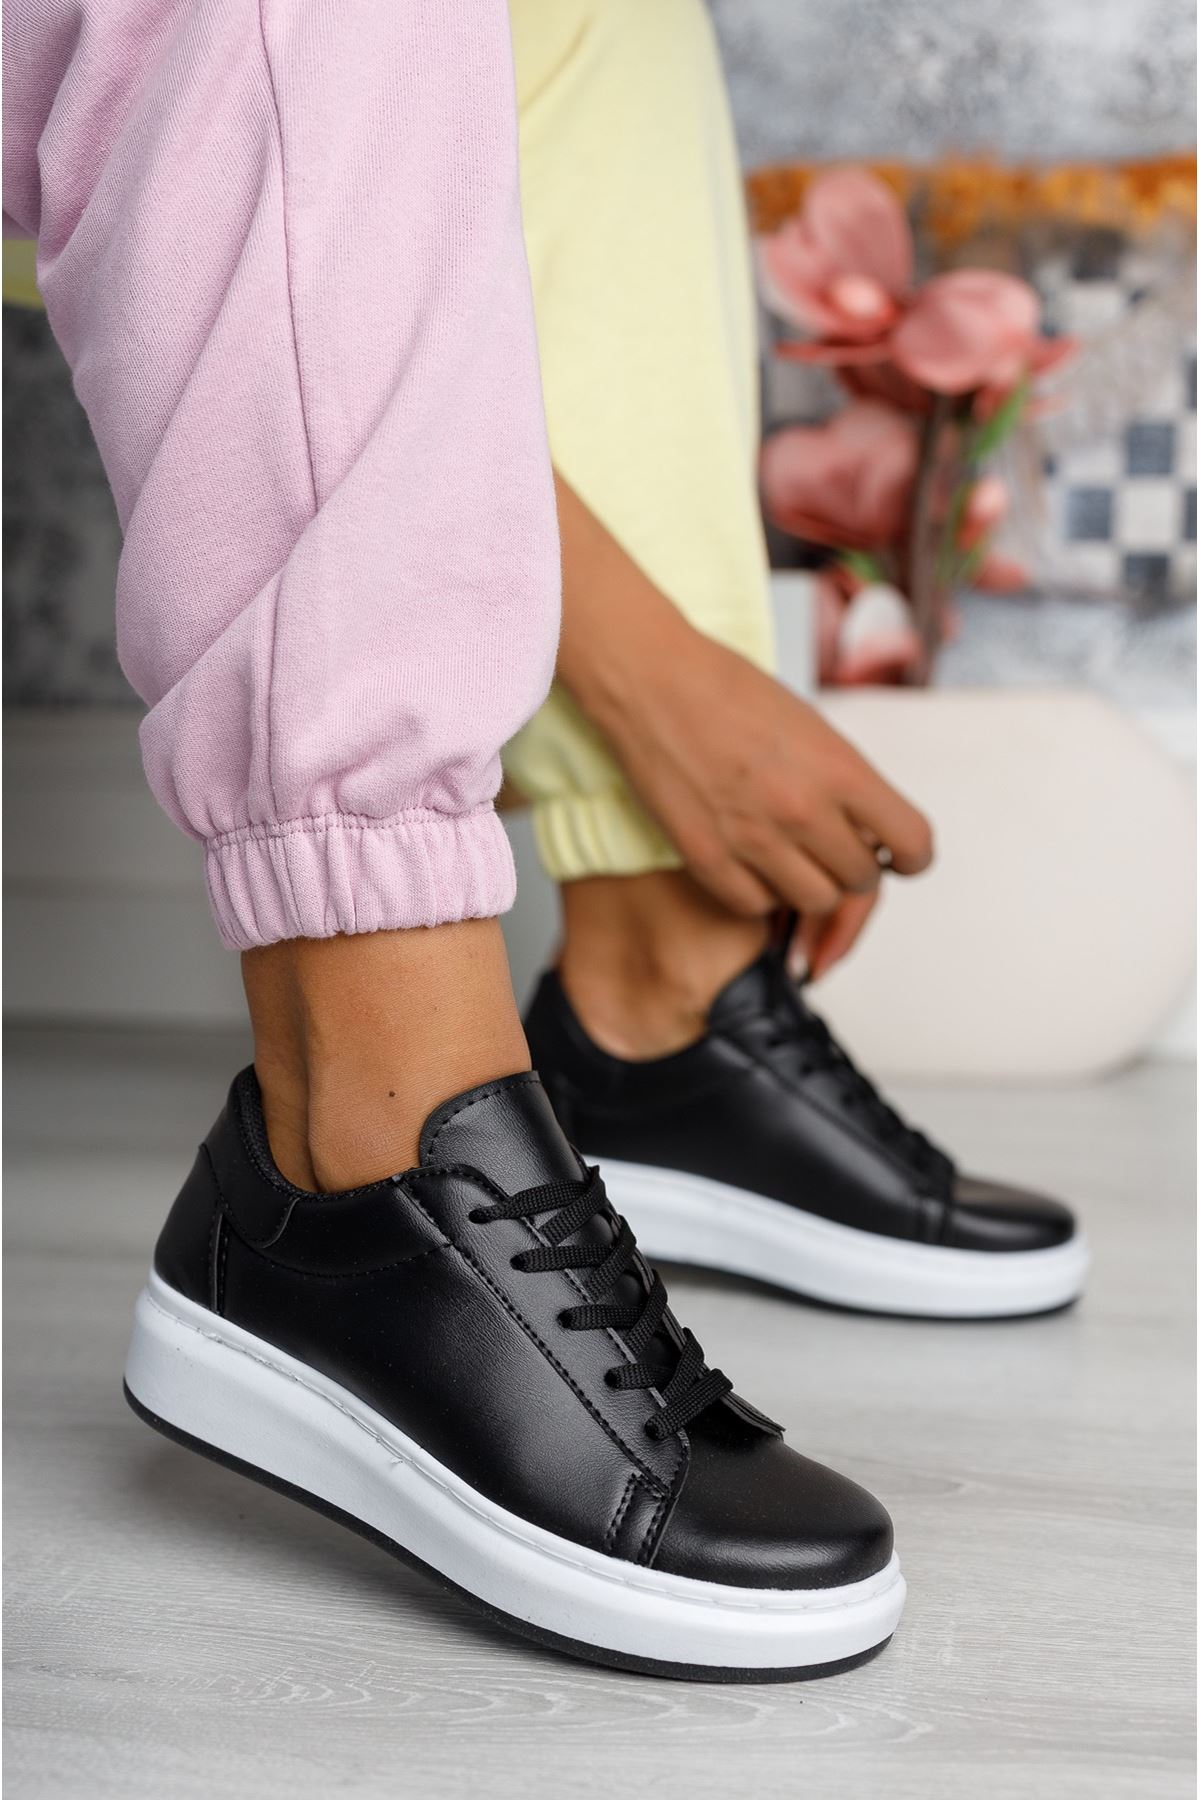 Bağcıklı Mekval Dikişli Siyah Tabanı Beyaz Spor Ayakkabı